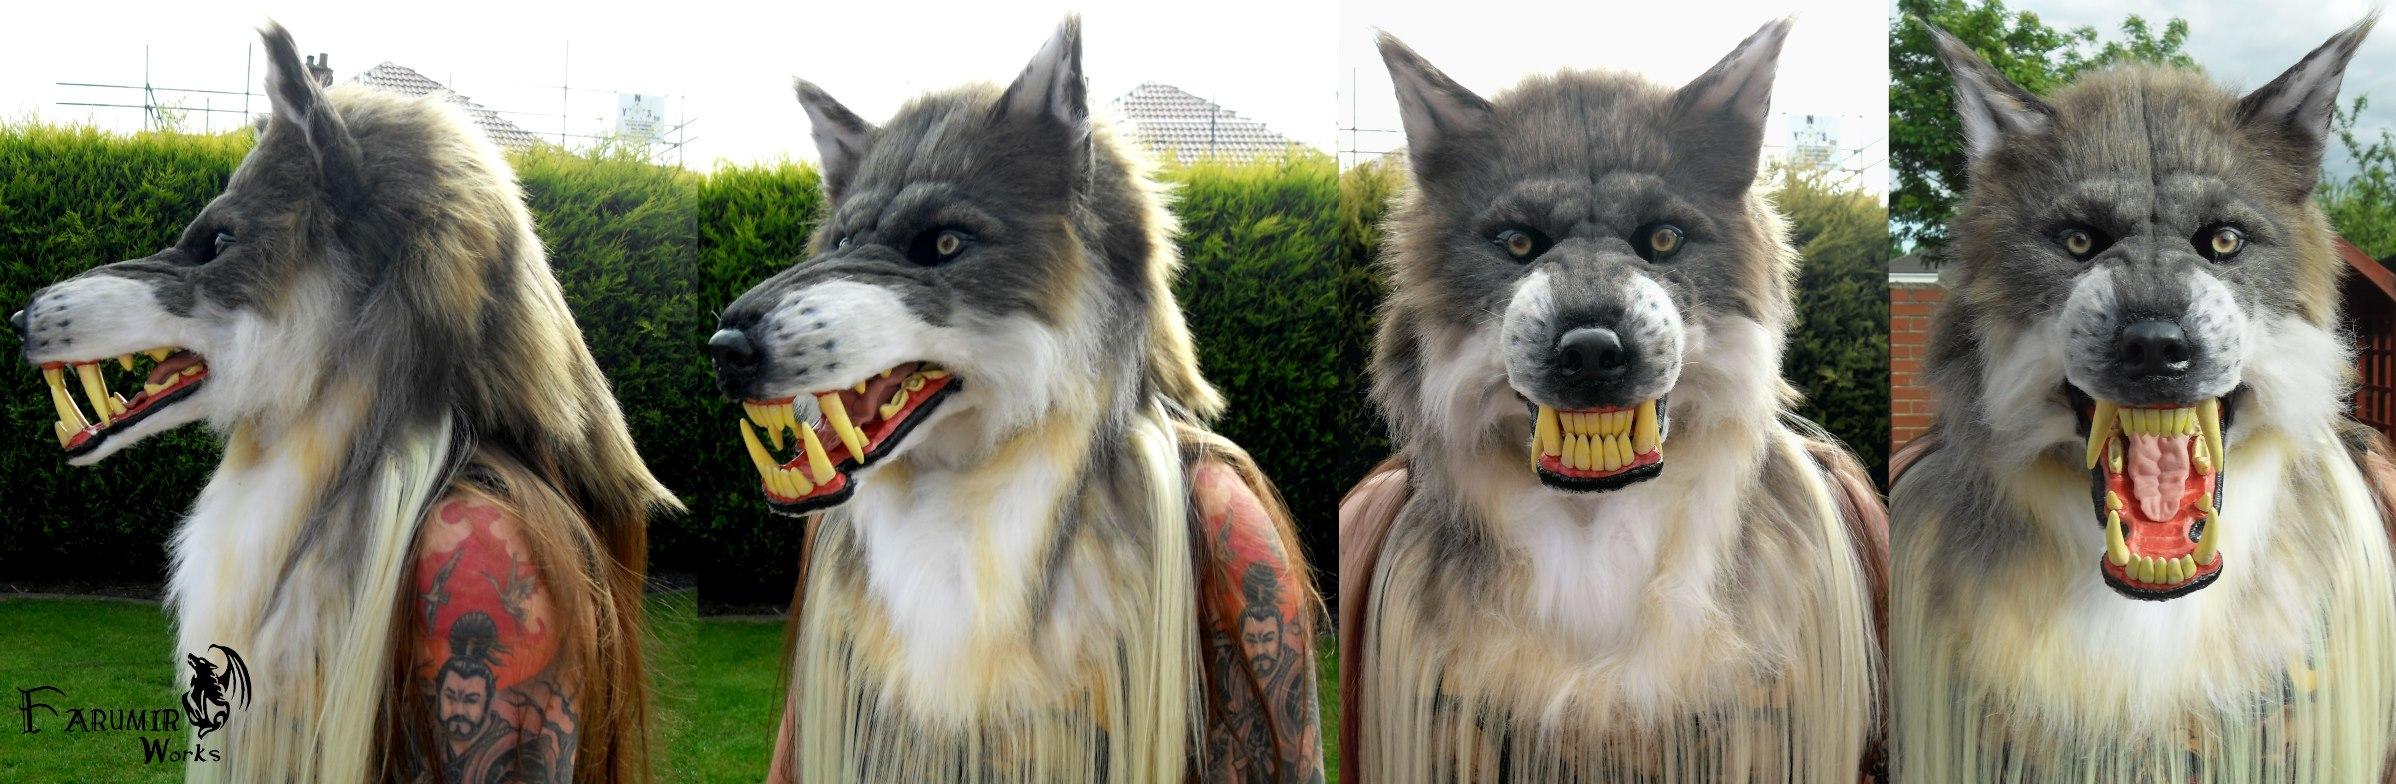 Grey 'Beta' Werewolf mask commission by Farumir